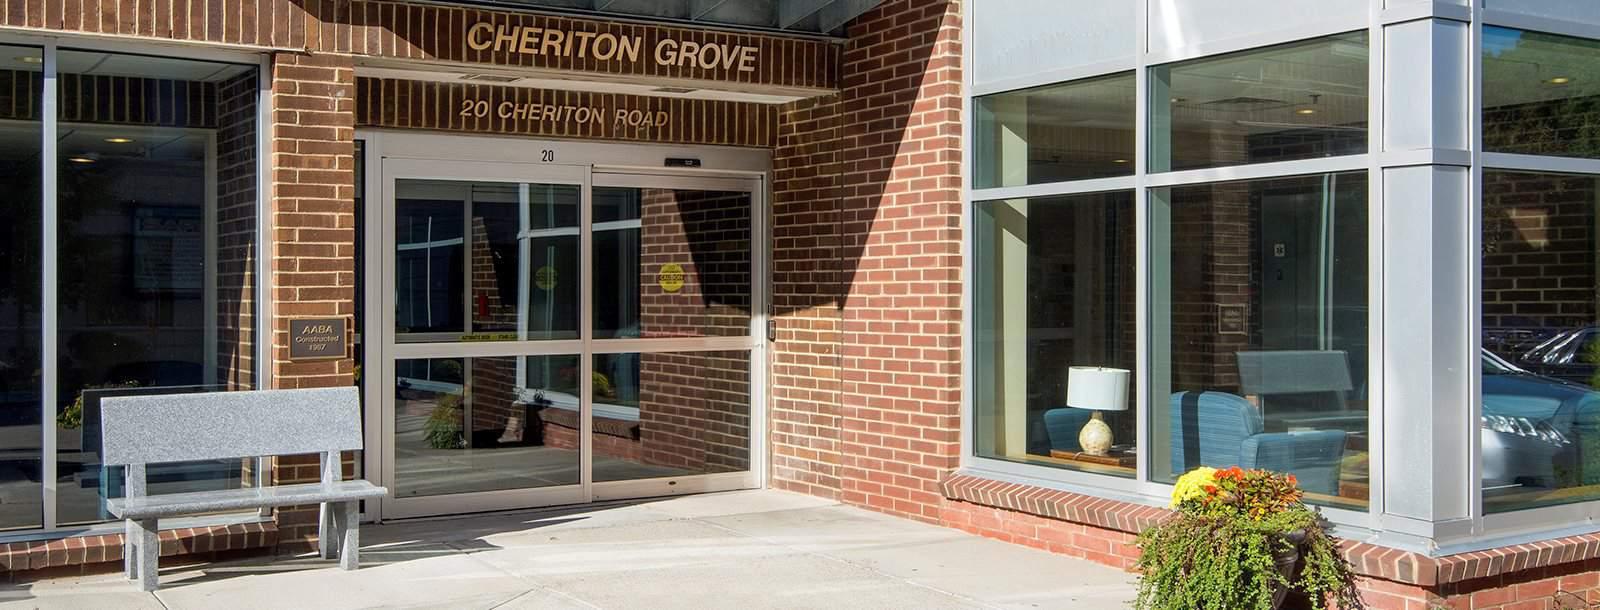 Cheriton Grove Apartments